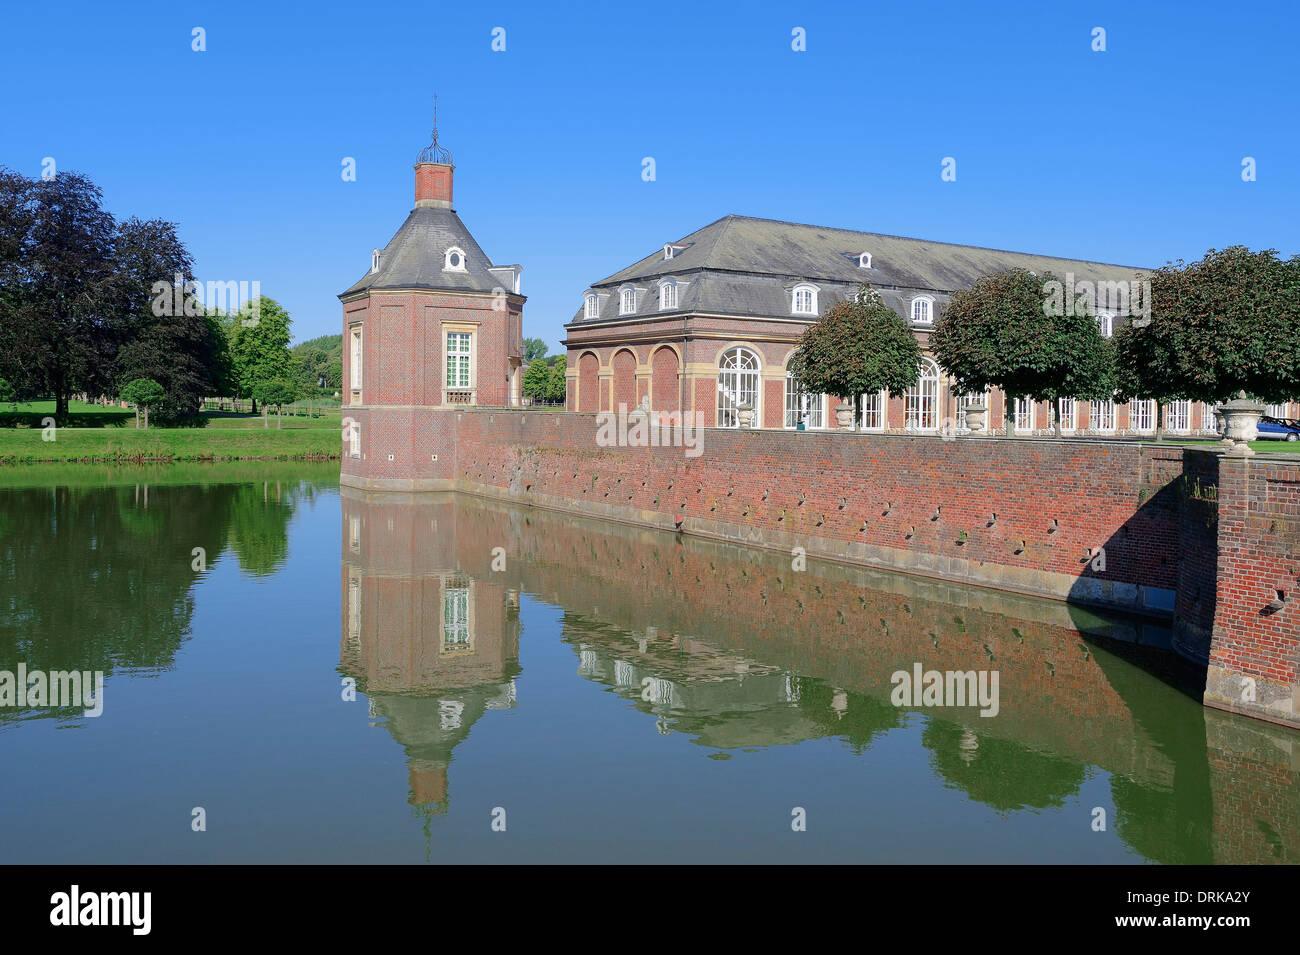 Moated Castle Nordkirchen, North Rhine-Westphalia, Germany, Europe Stock Photo